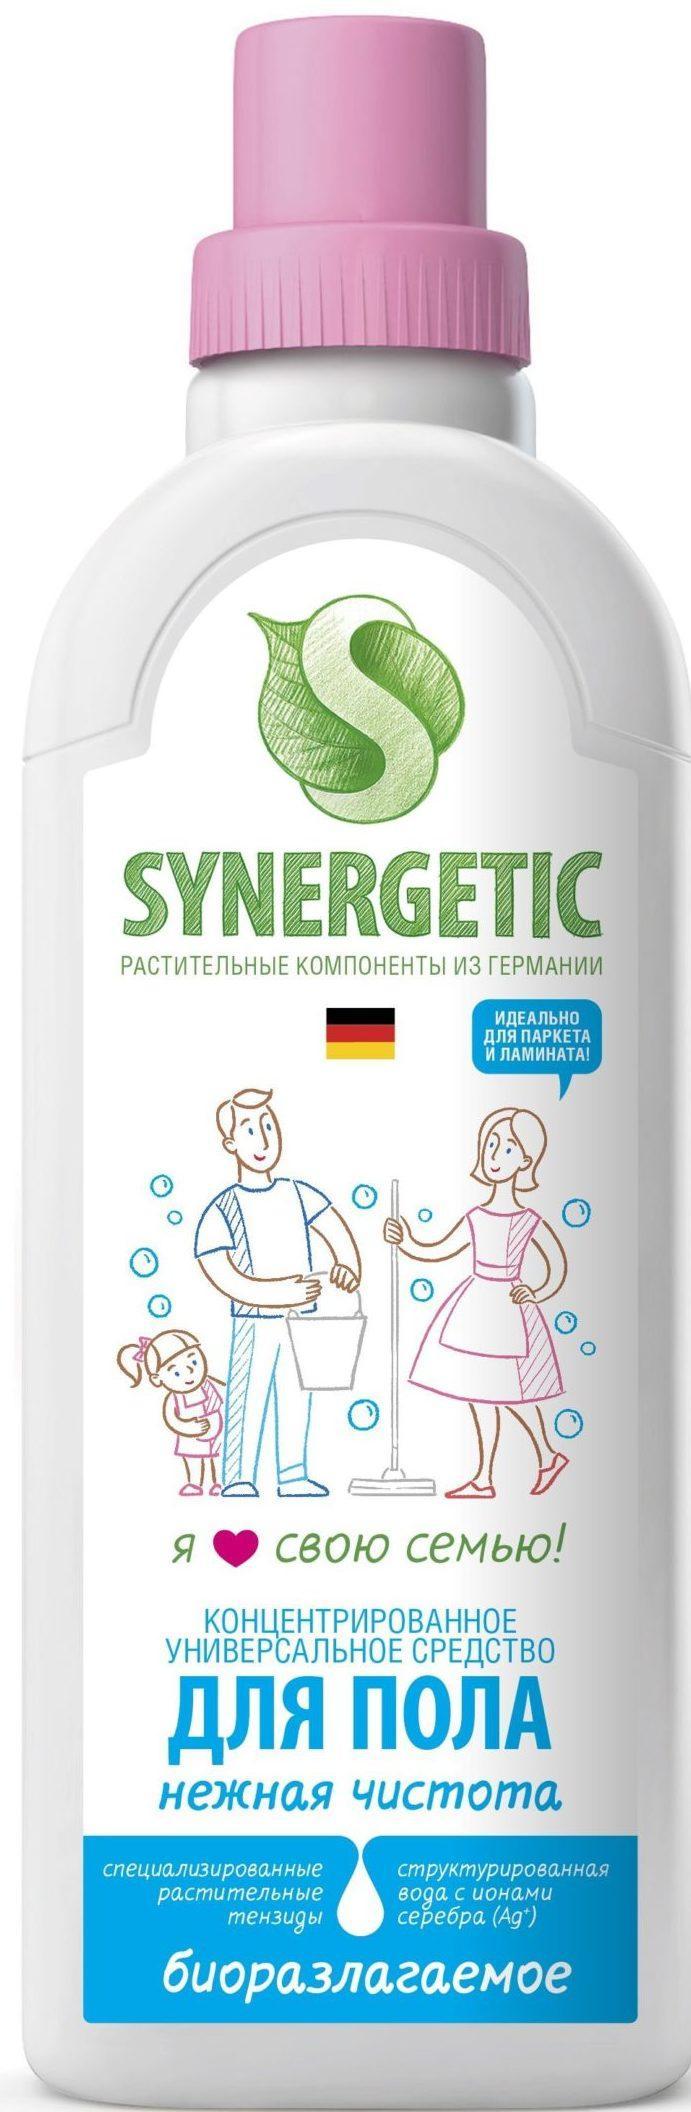 Synergetic «Нежная чистота»